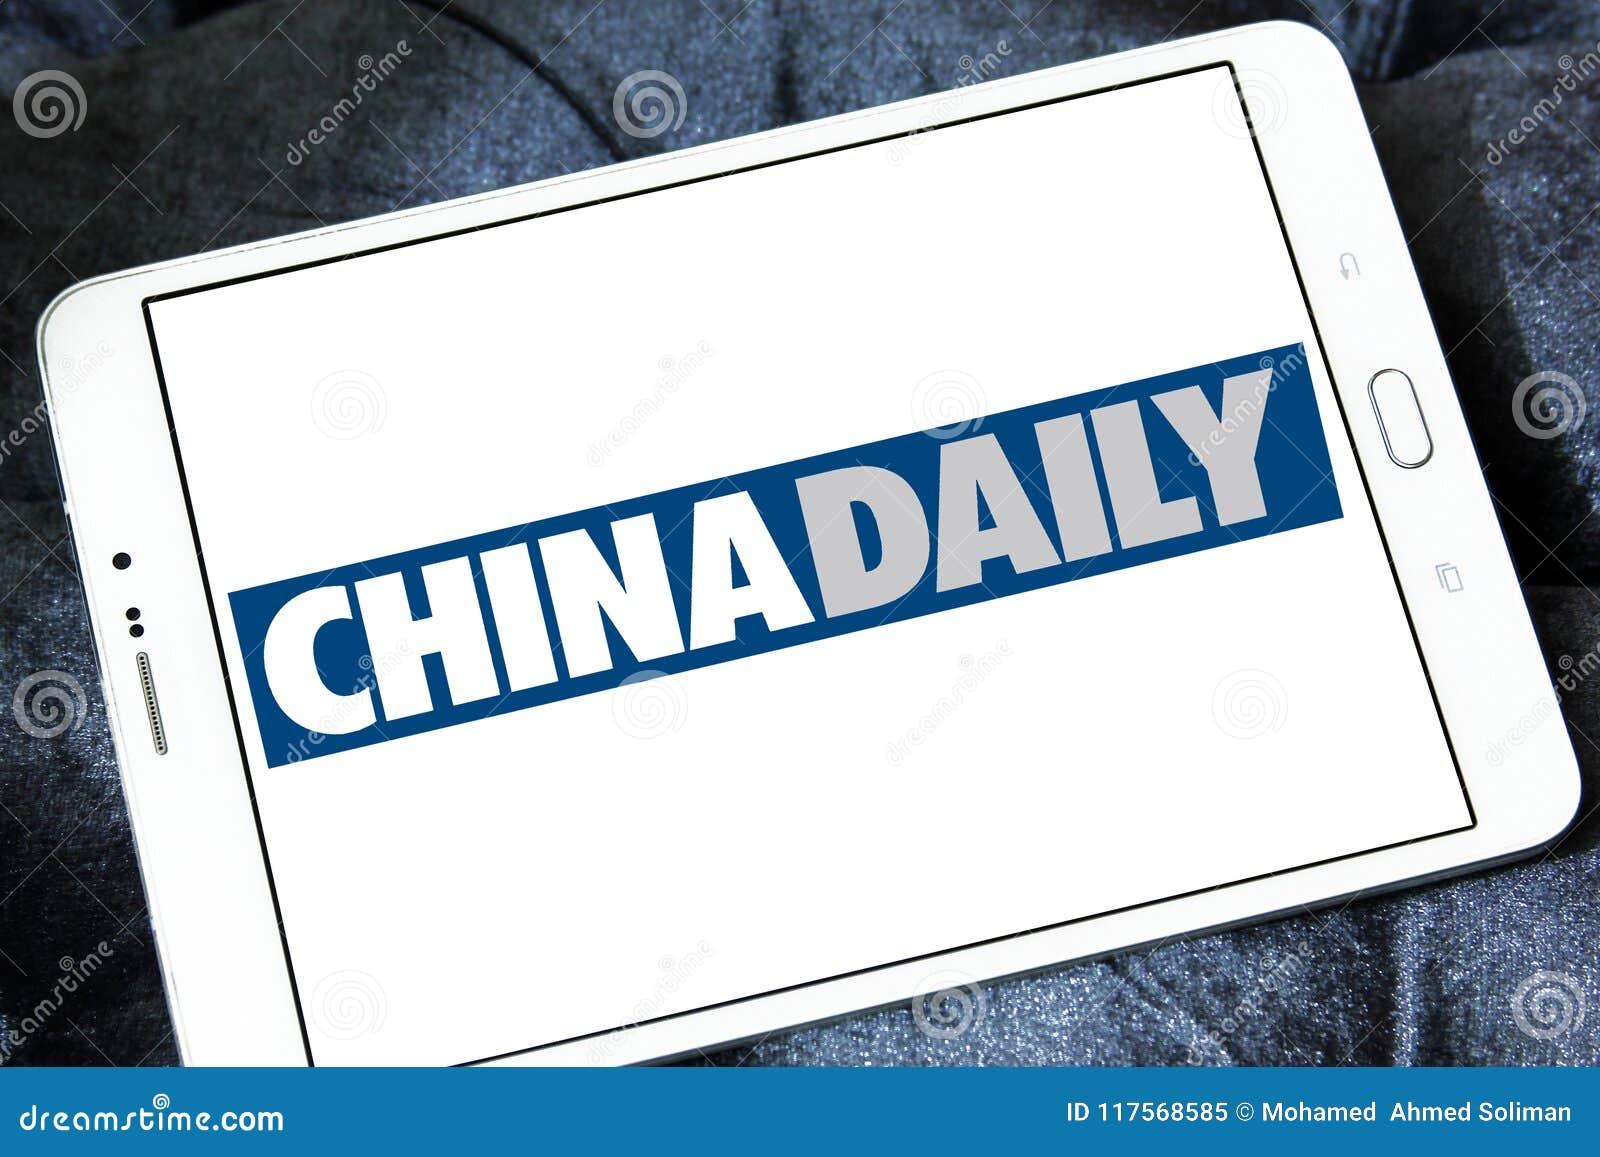 China Daily tidningslogo